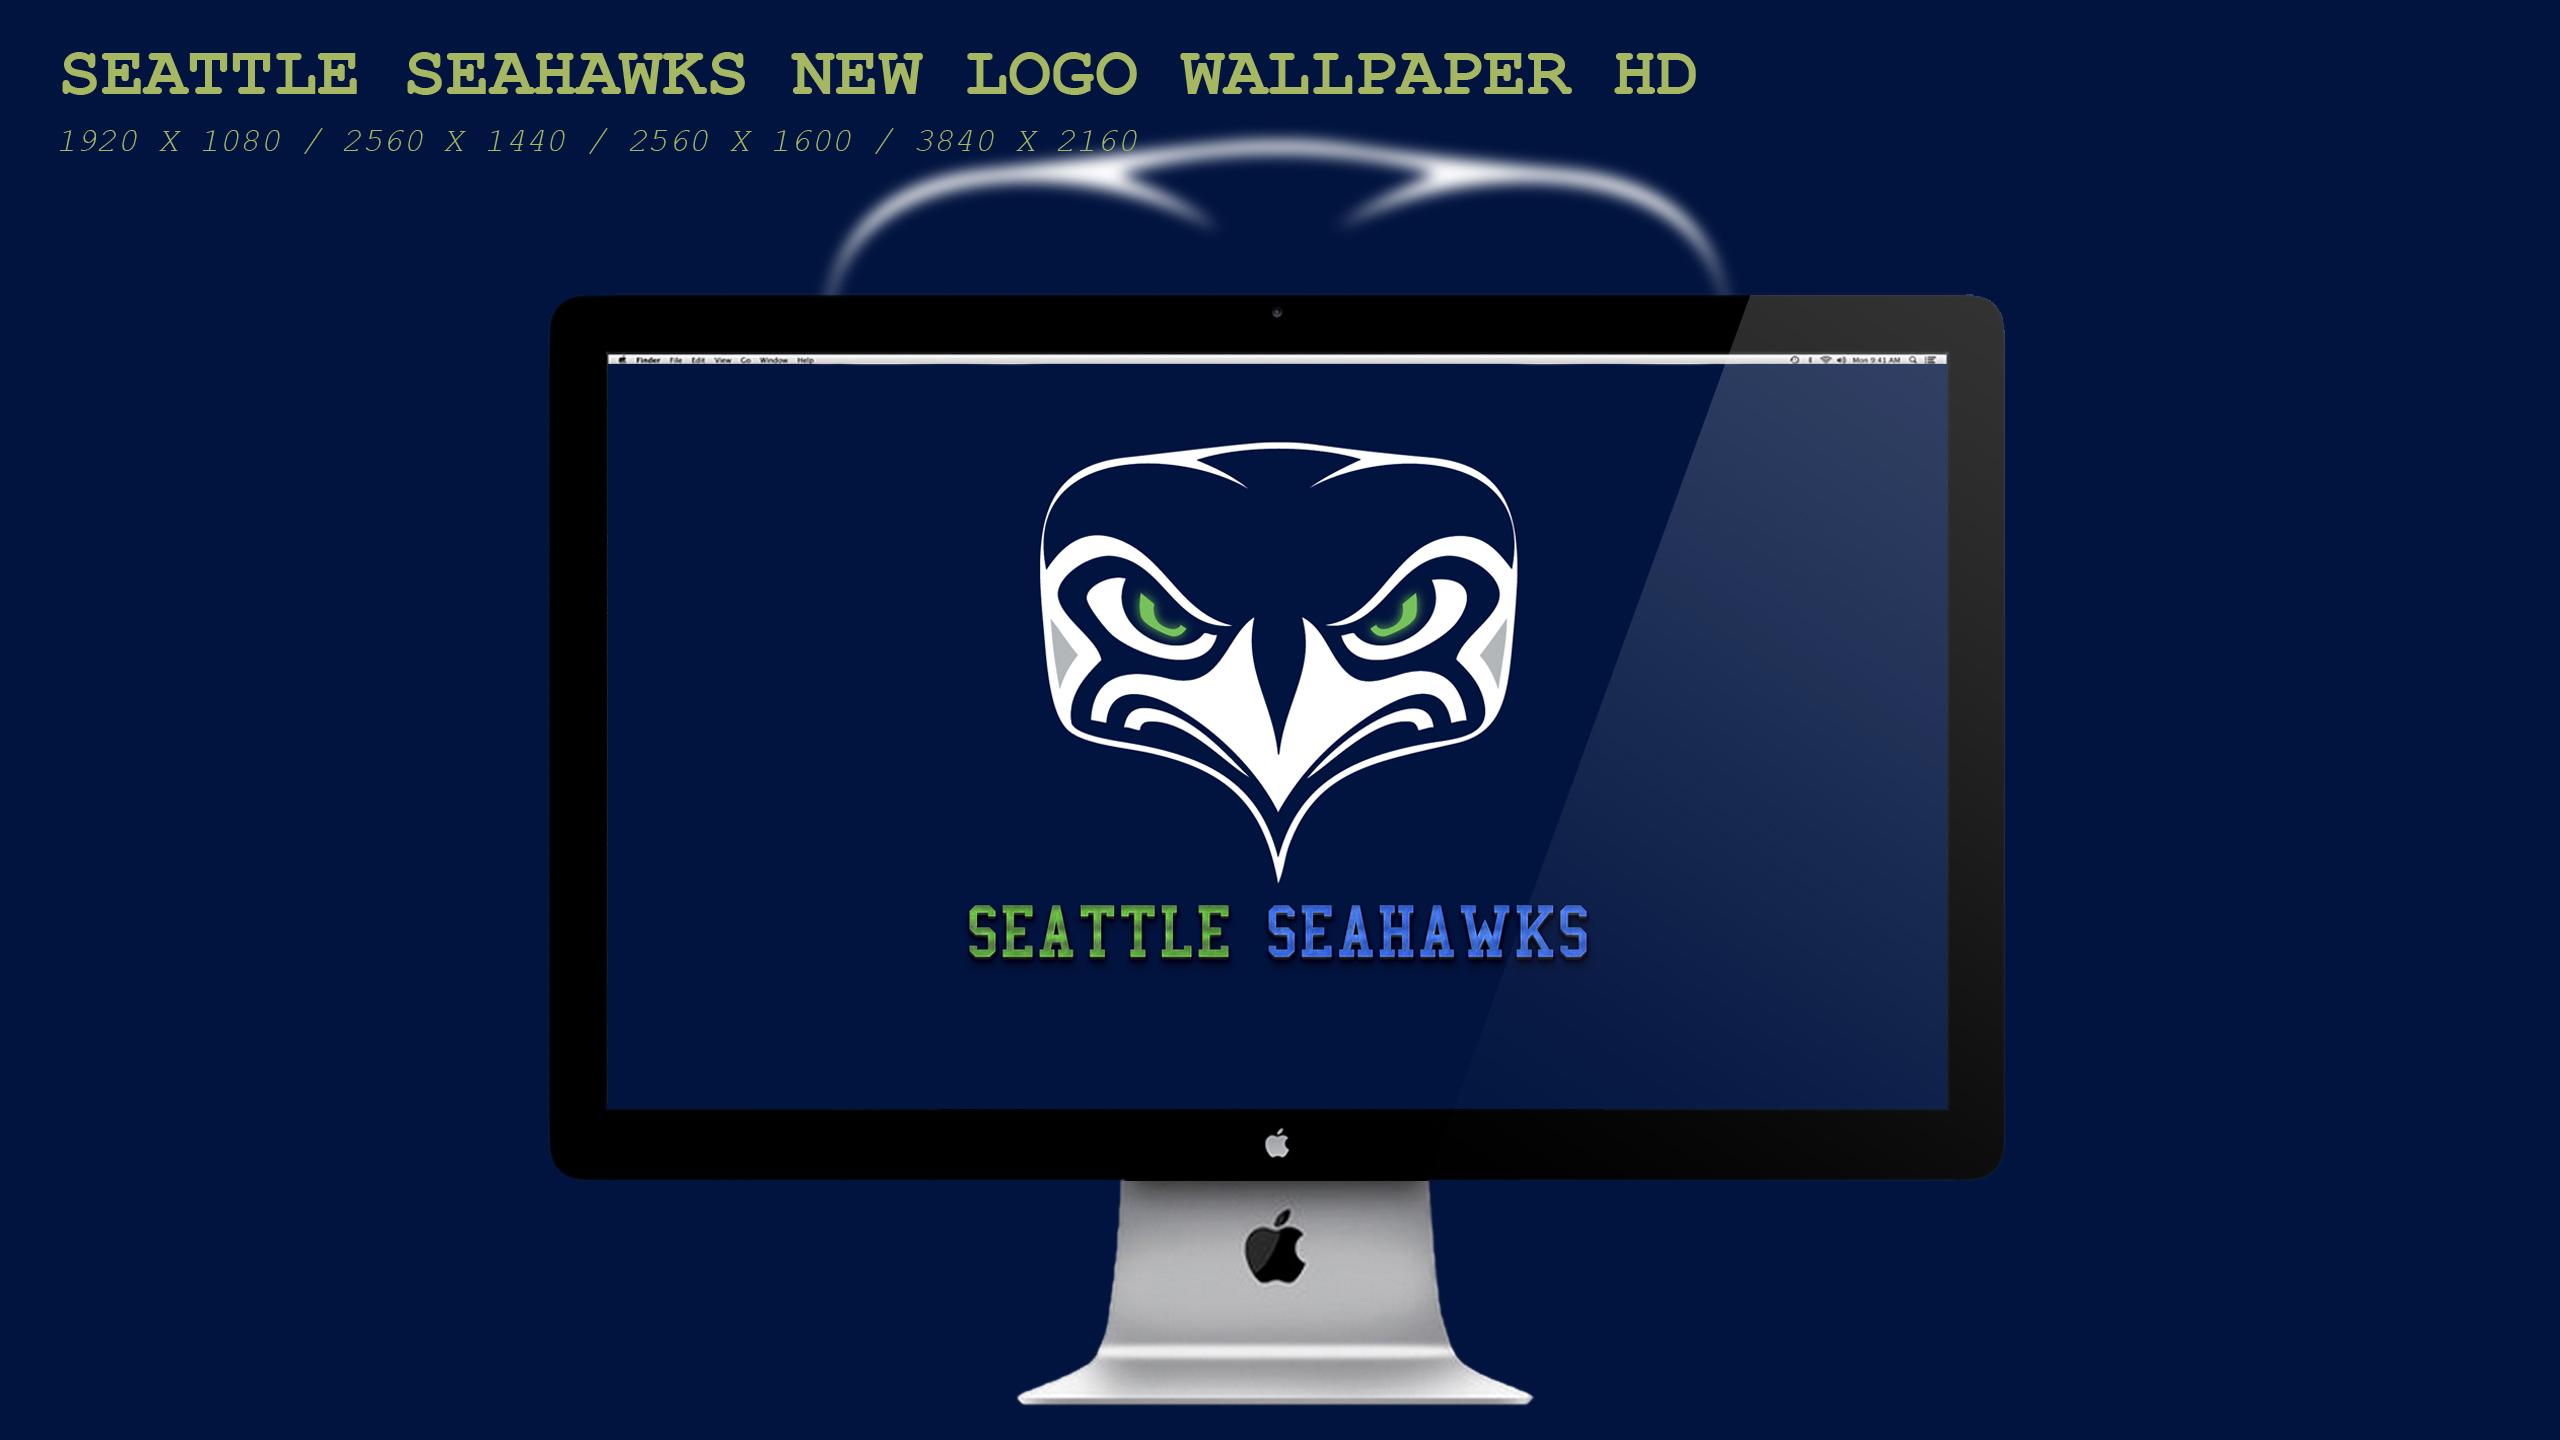 Seattle Seahawks New Logo Wallpaper Hd By Beaware8 On Deviantart